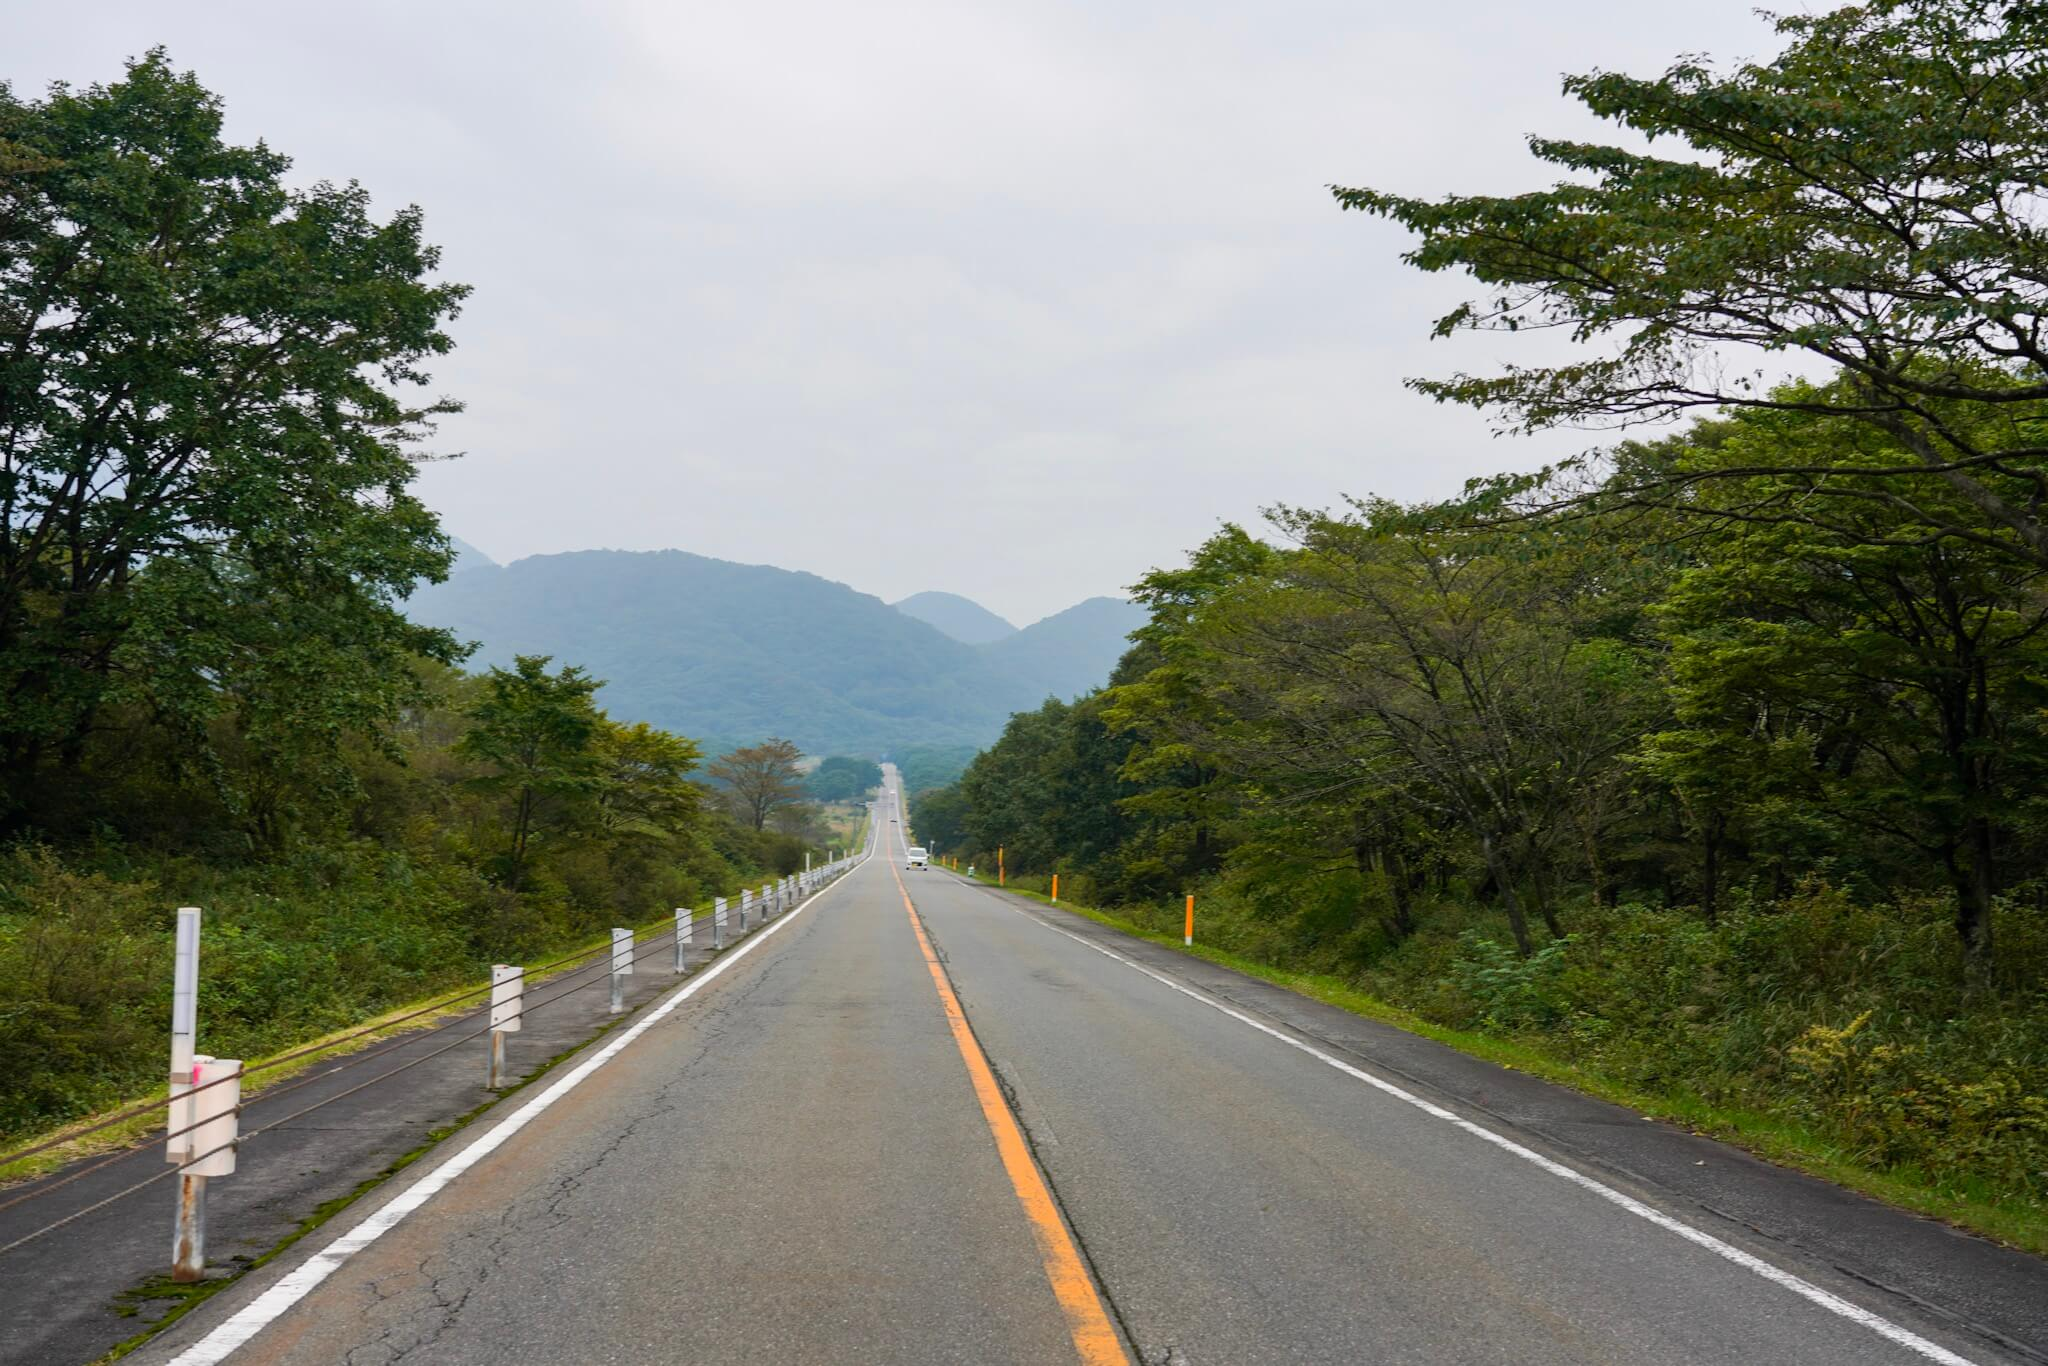 榛名山・榛名湖メロディライン・直線道路